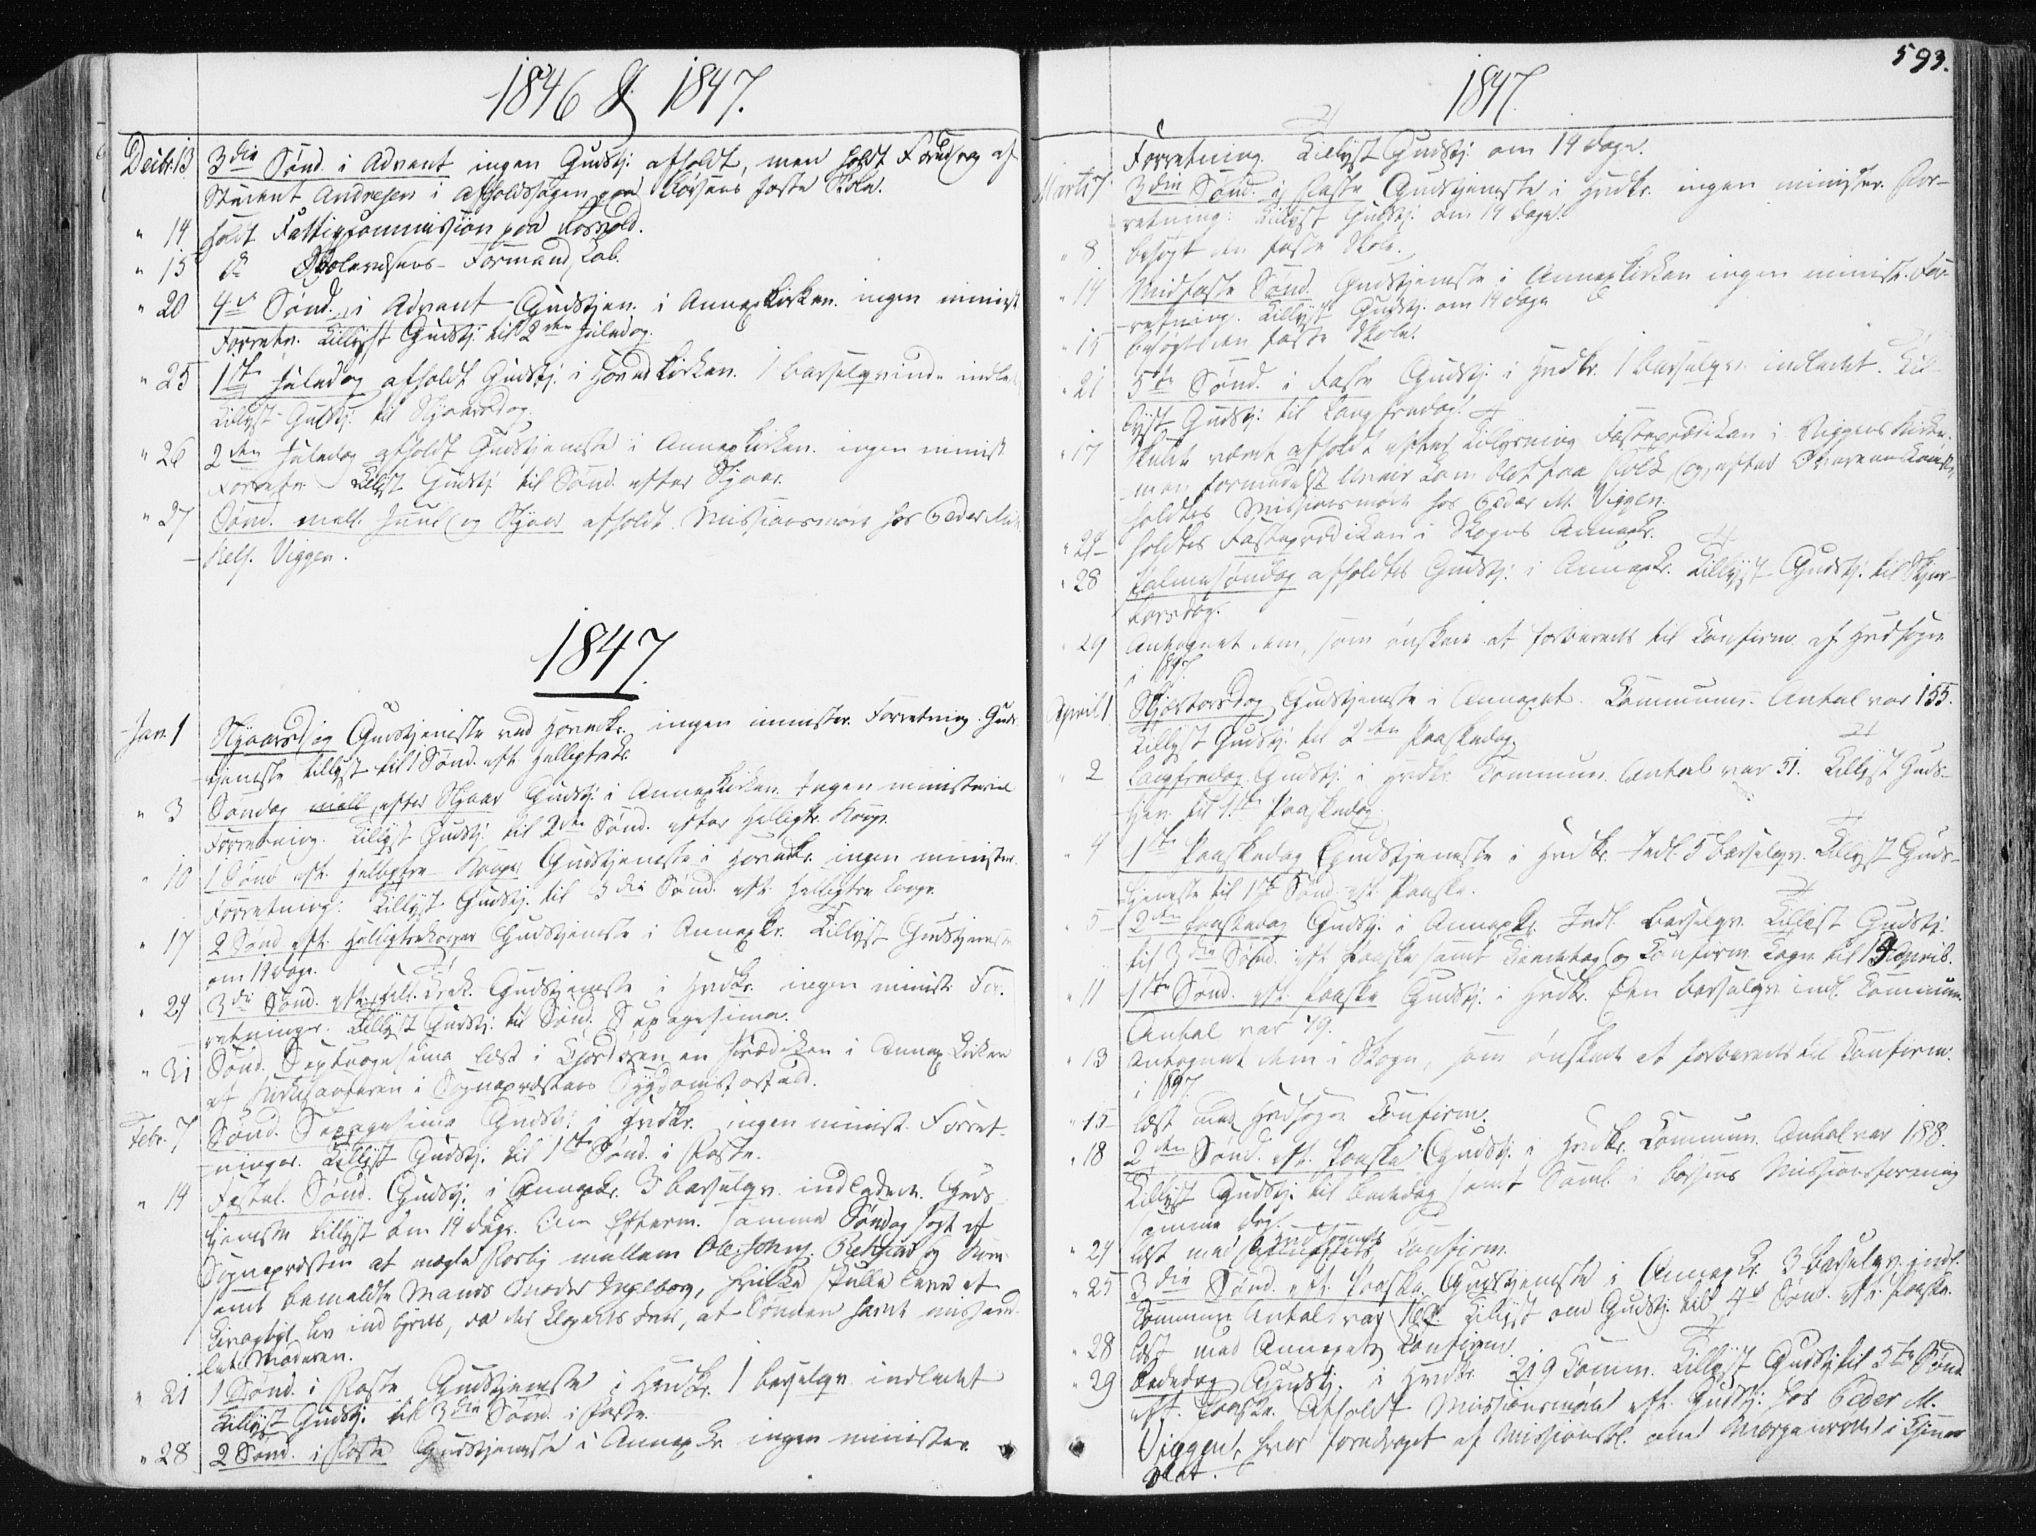 SAT, Ministerialprotokoller, klokkerbøker og fødselsregistre - Sør-Trøndelag, 665/L0771: Ministerialbok nr. 665A06, 1830-1856, s. 593